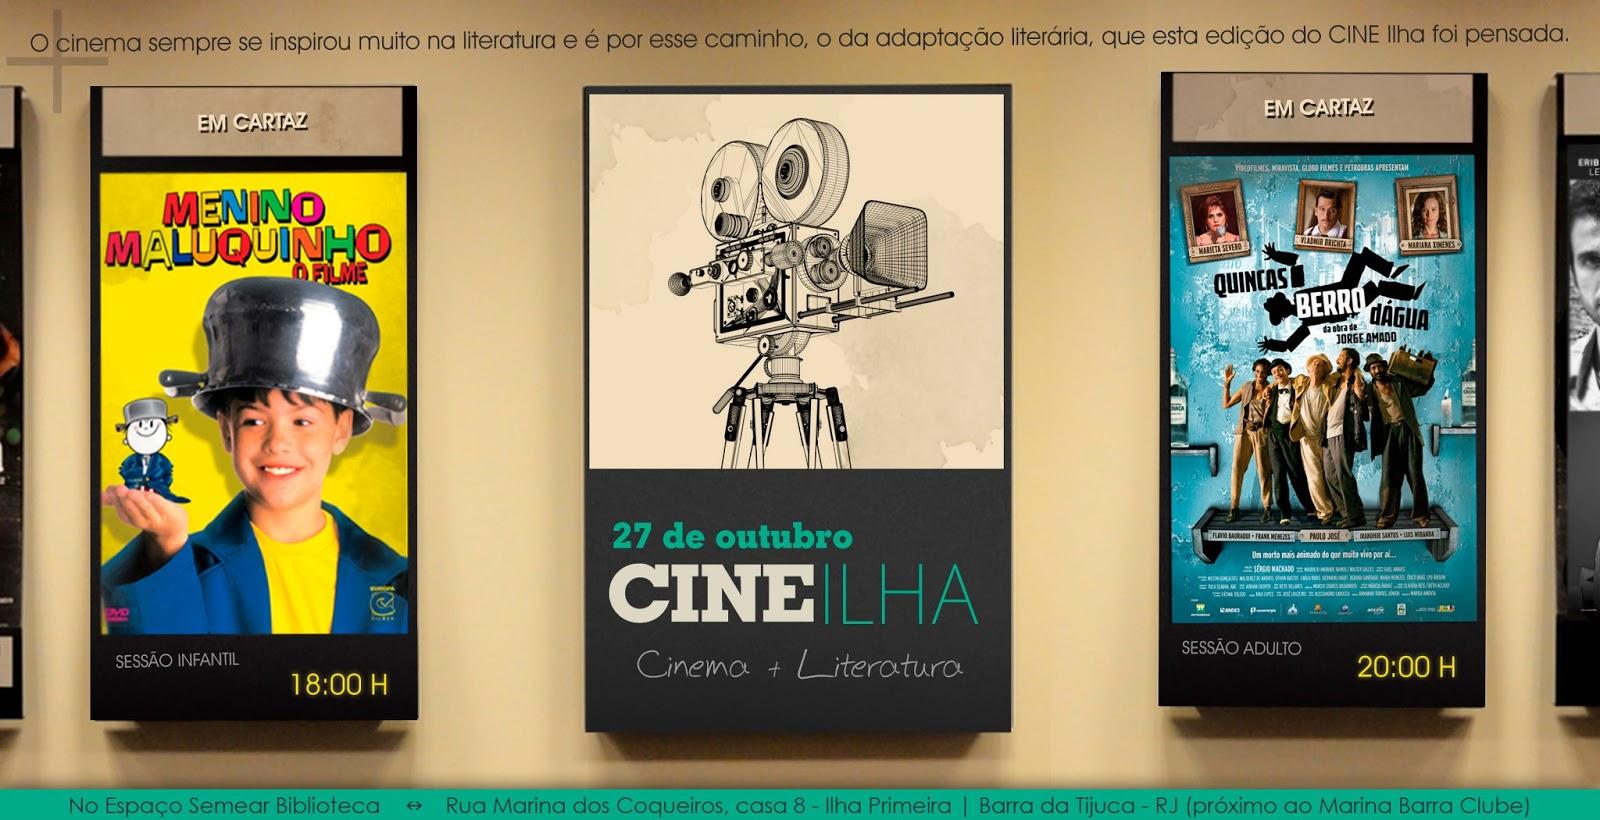 Cine Ilha: Cinema e Literatura